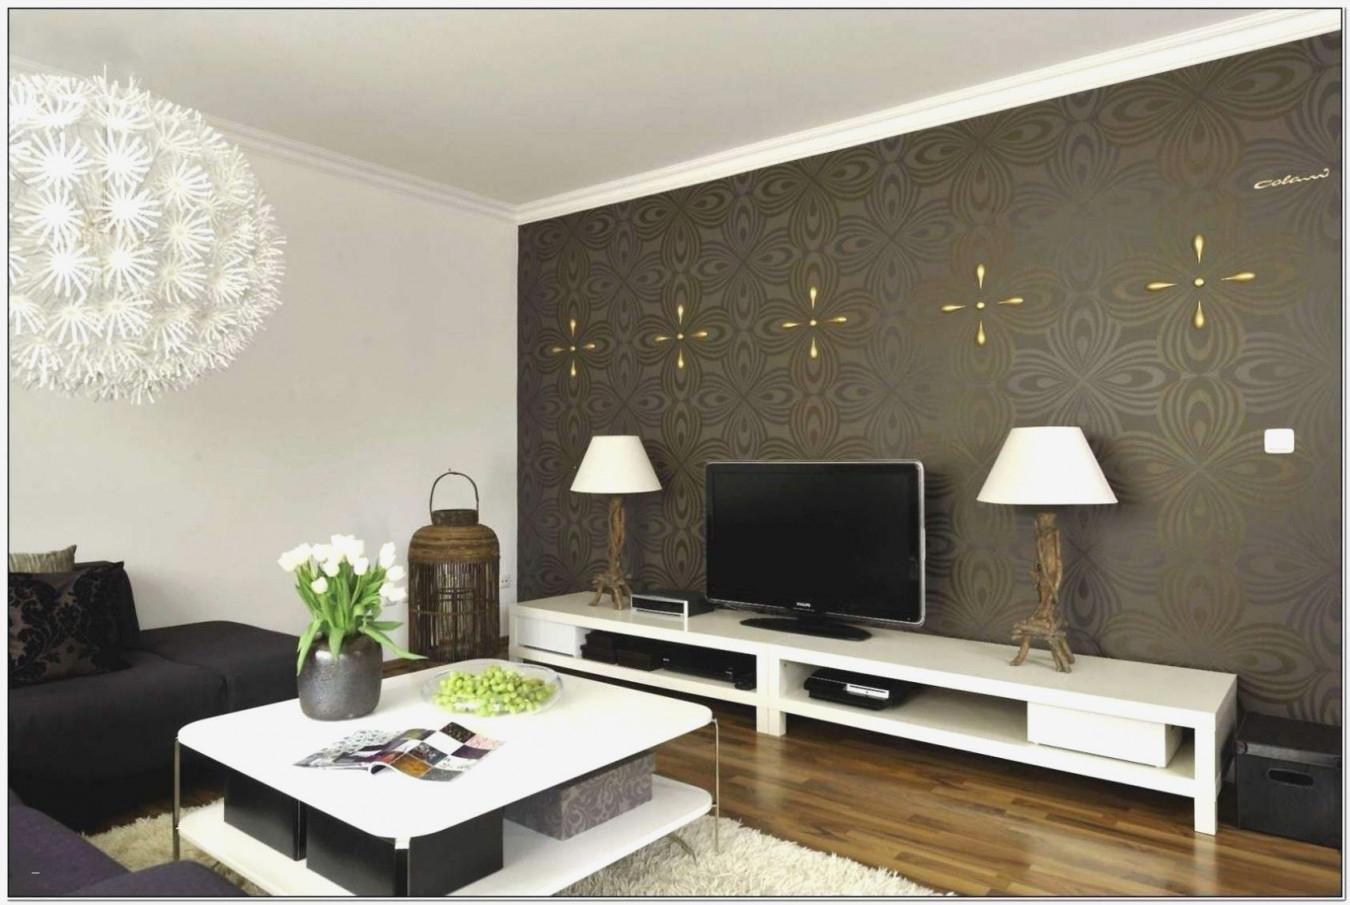 Wandgestaltung Wohnzimmer – Caseconrad von Moderne Wohnzimmer Wandgestaltung Photo